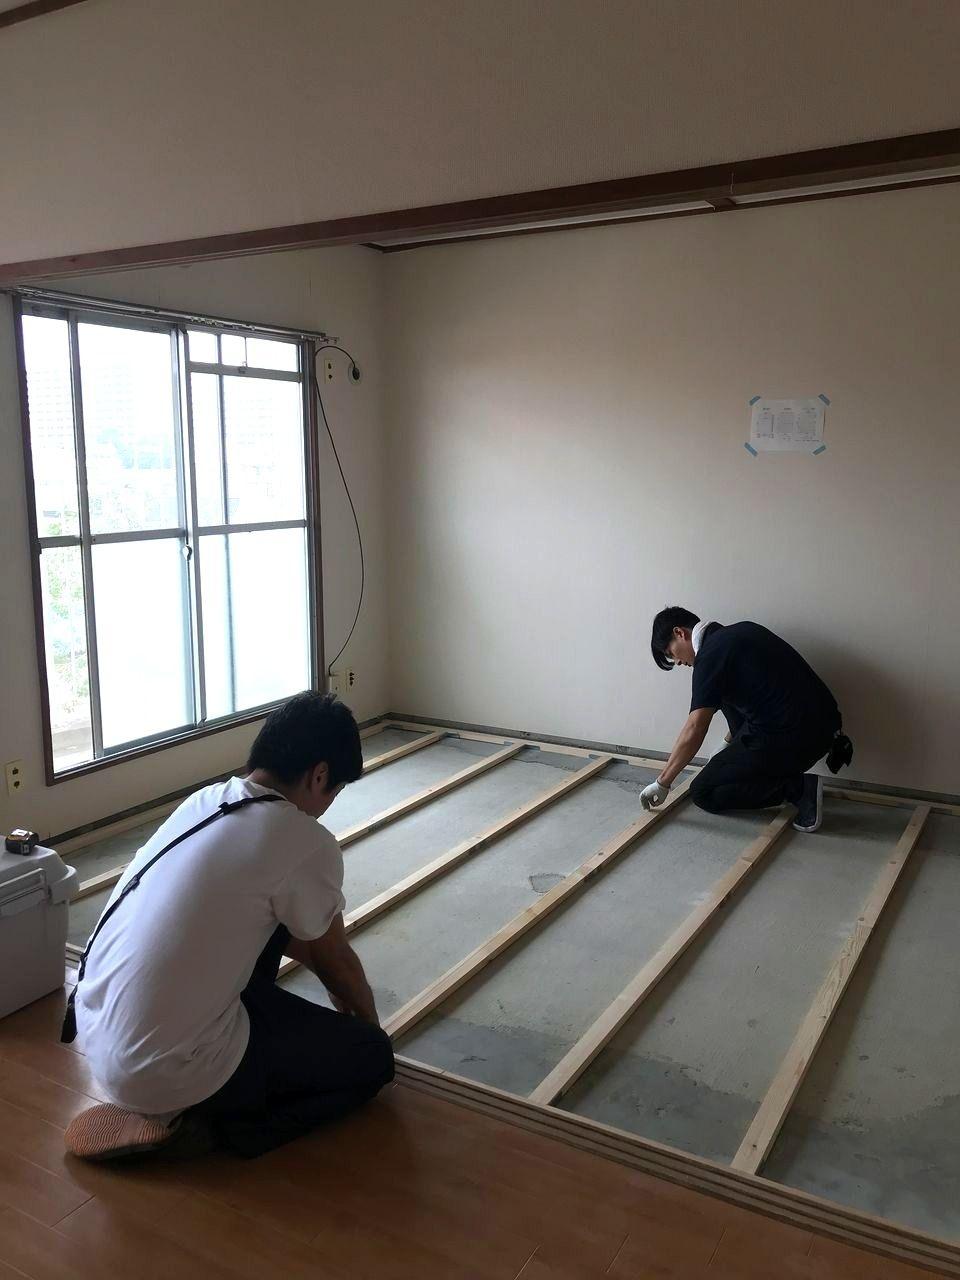 前回のブログでは、床の高さの問題点の改善策を思いついてところで終わりました。 今回は実際にその改善策の作業に移っていきます。